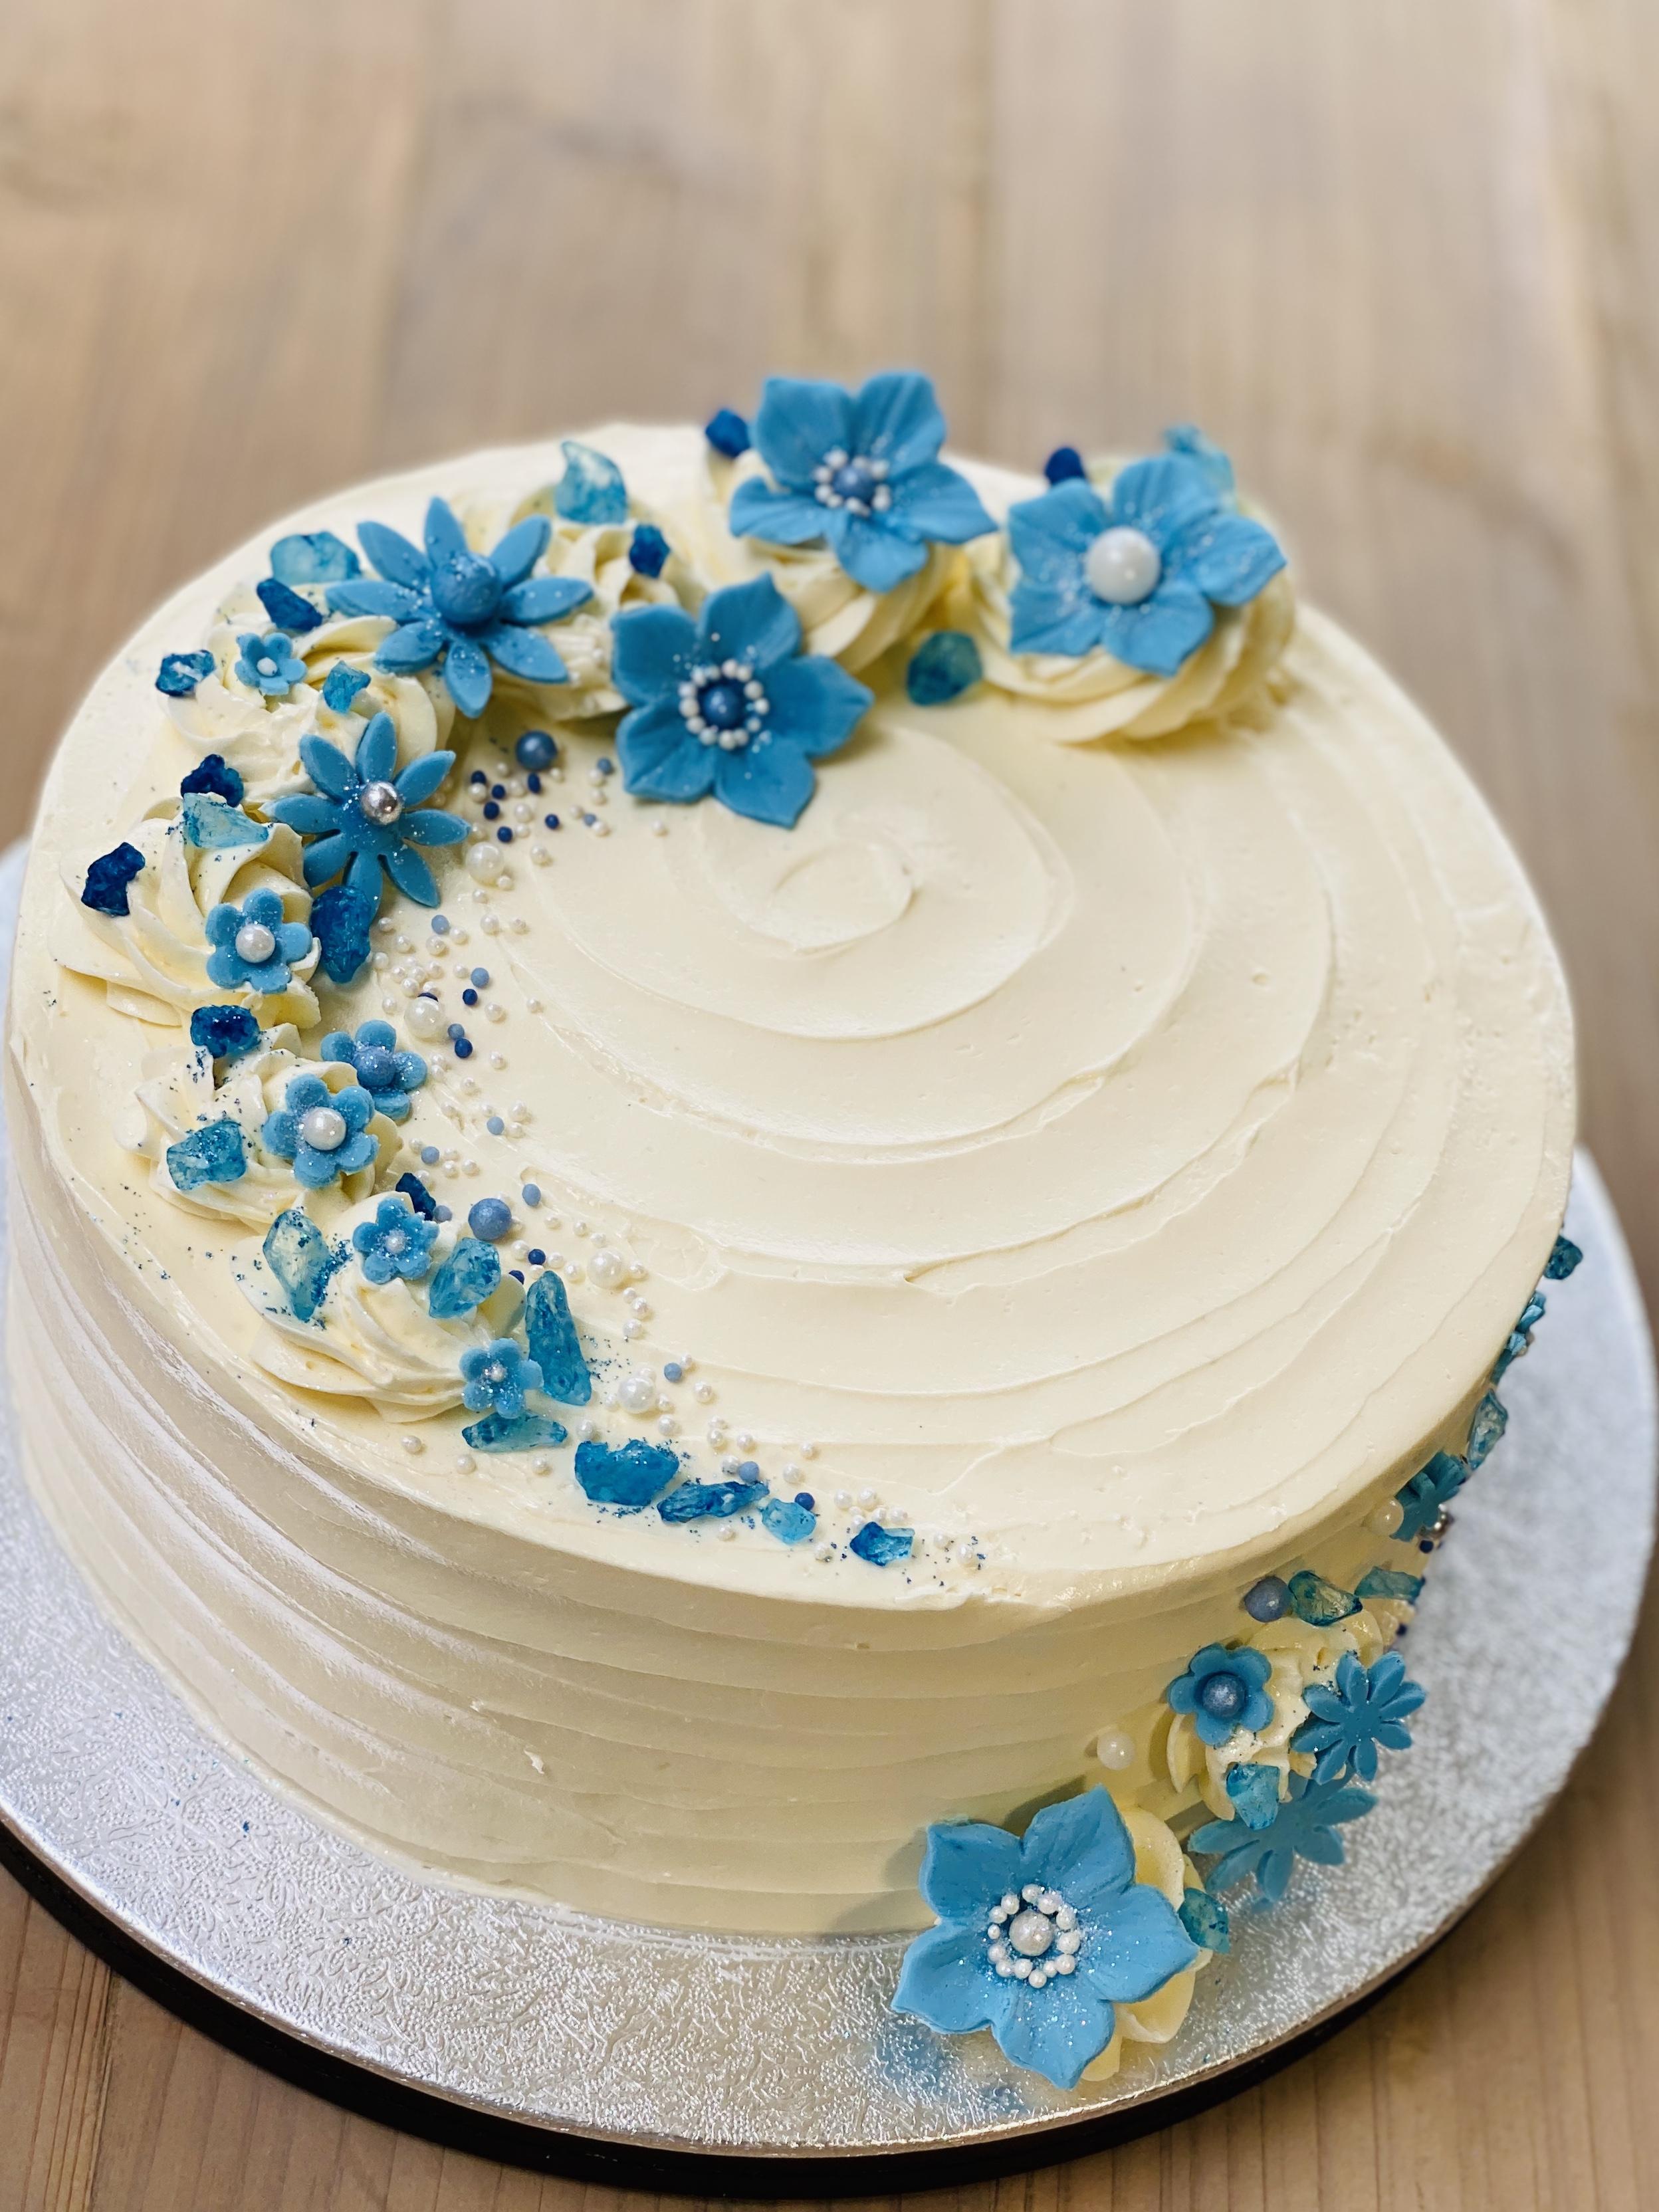 Sapphire wedding anniversary cake